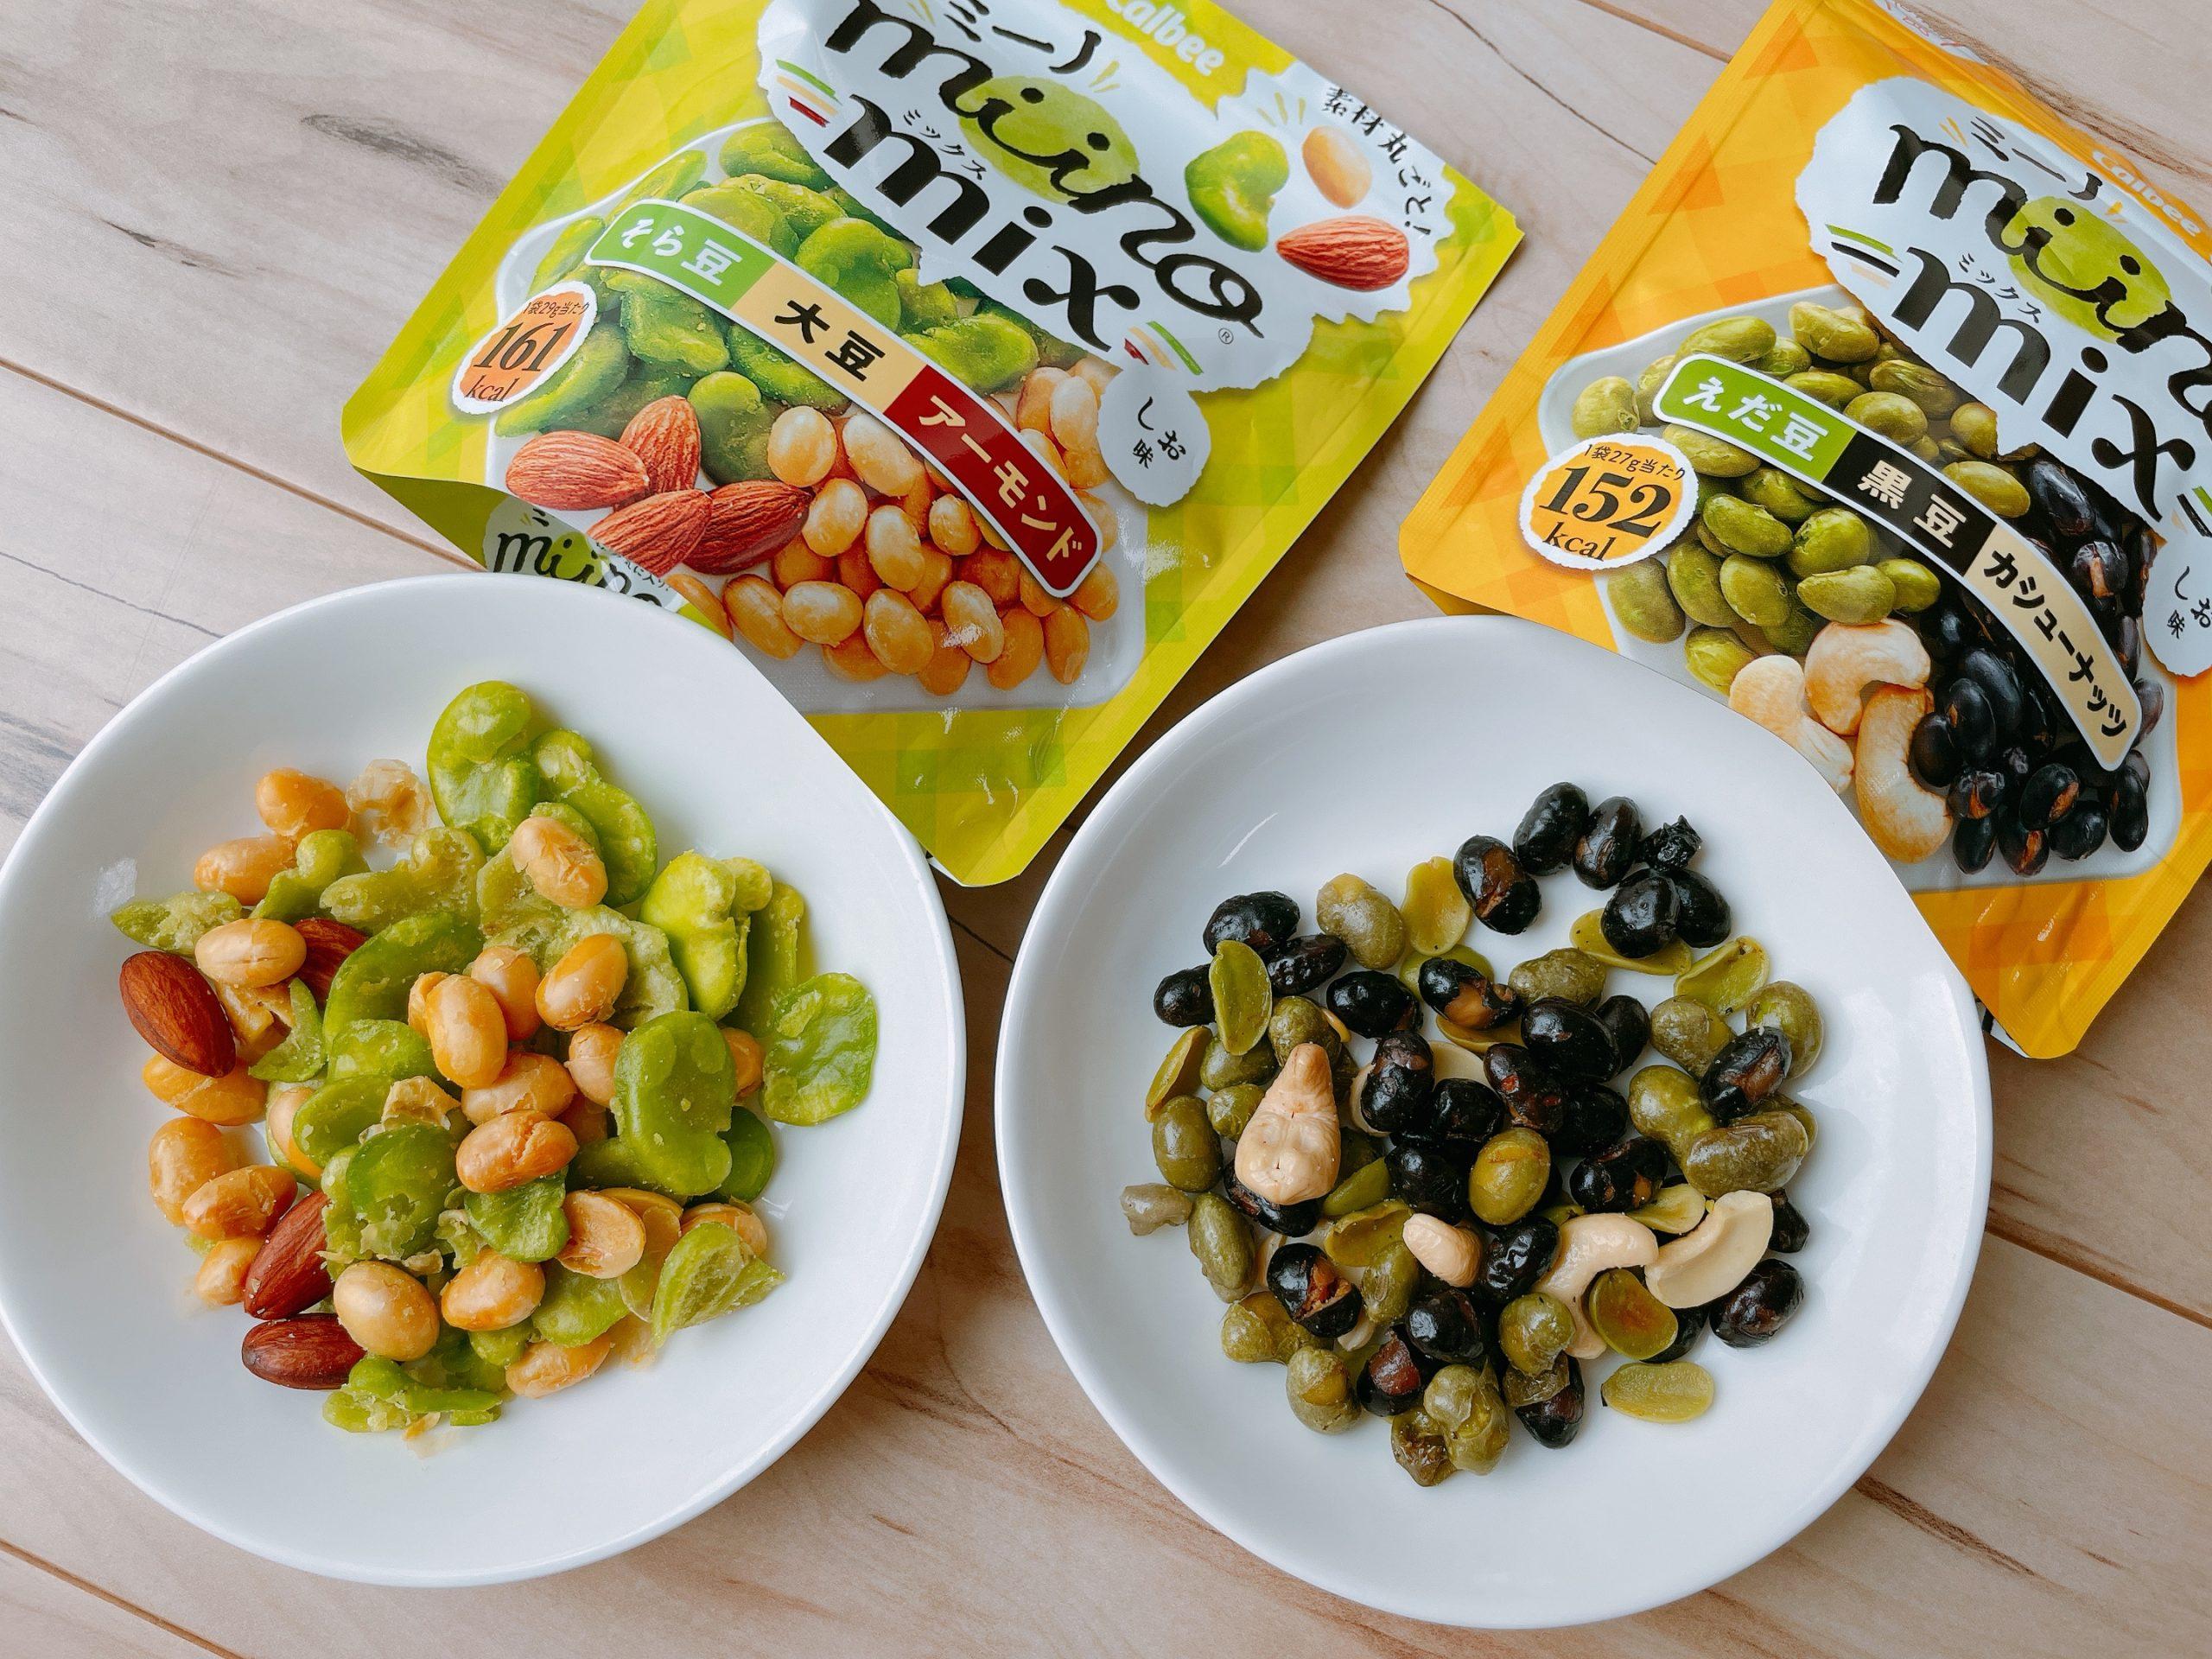 ミーノミックス2種類の食べ比べ